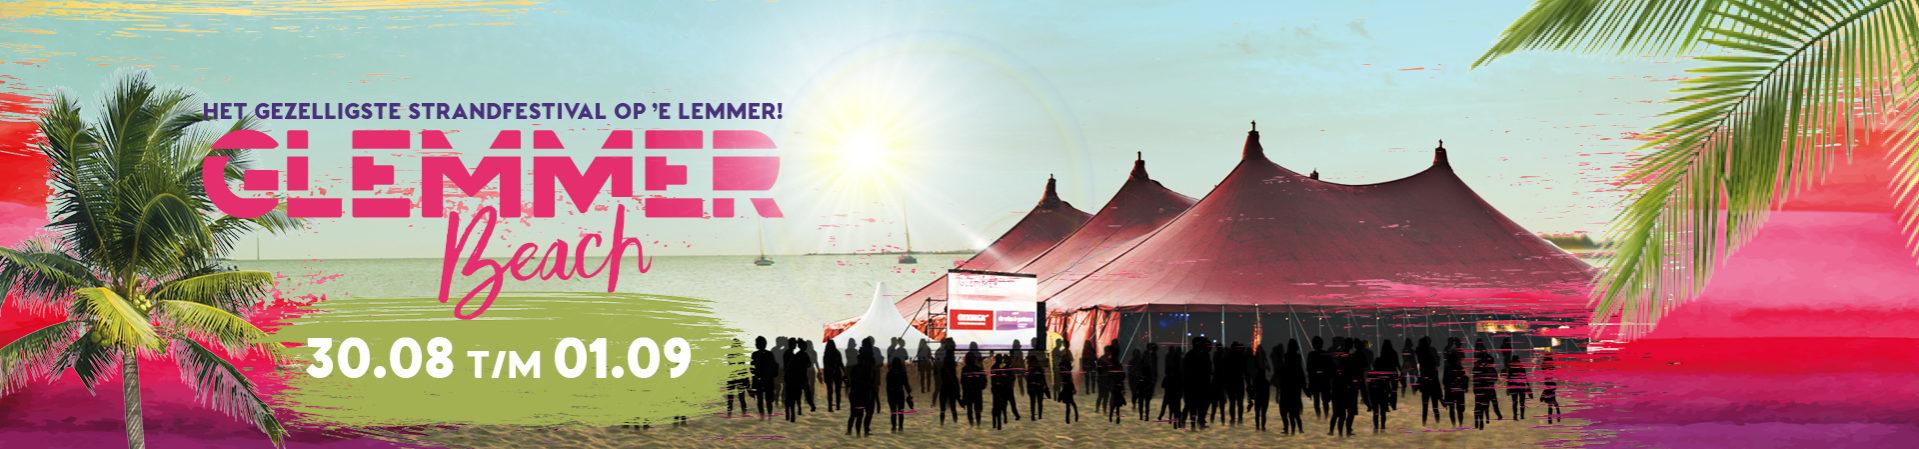 Glemmer Beach Festival